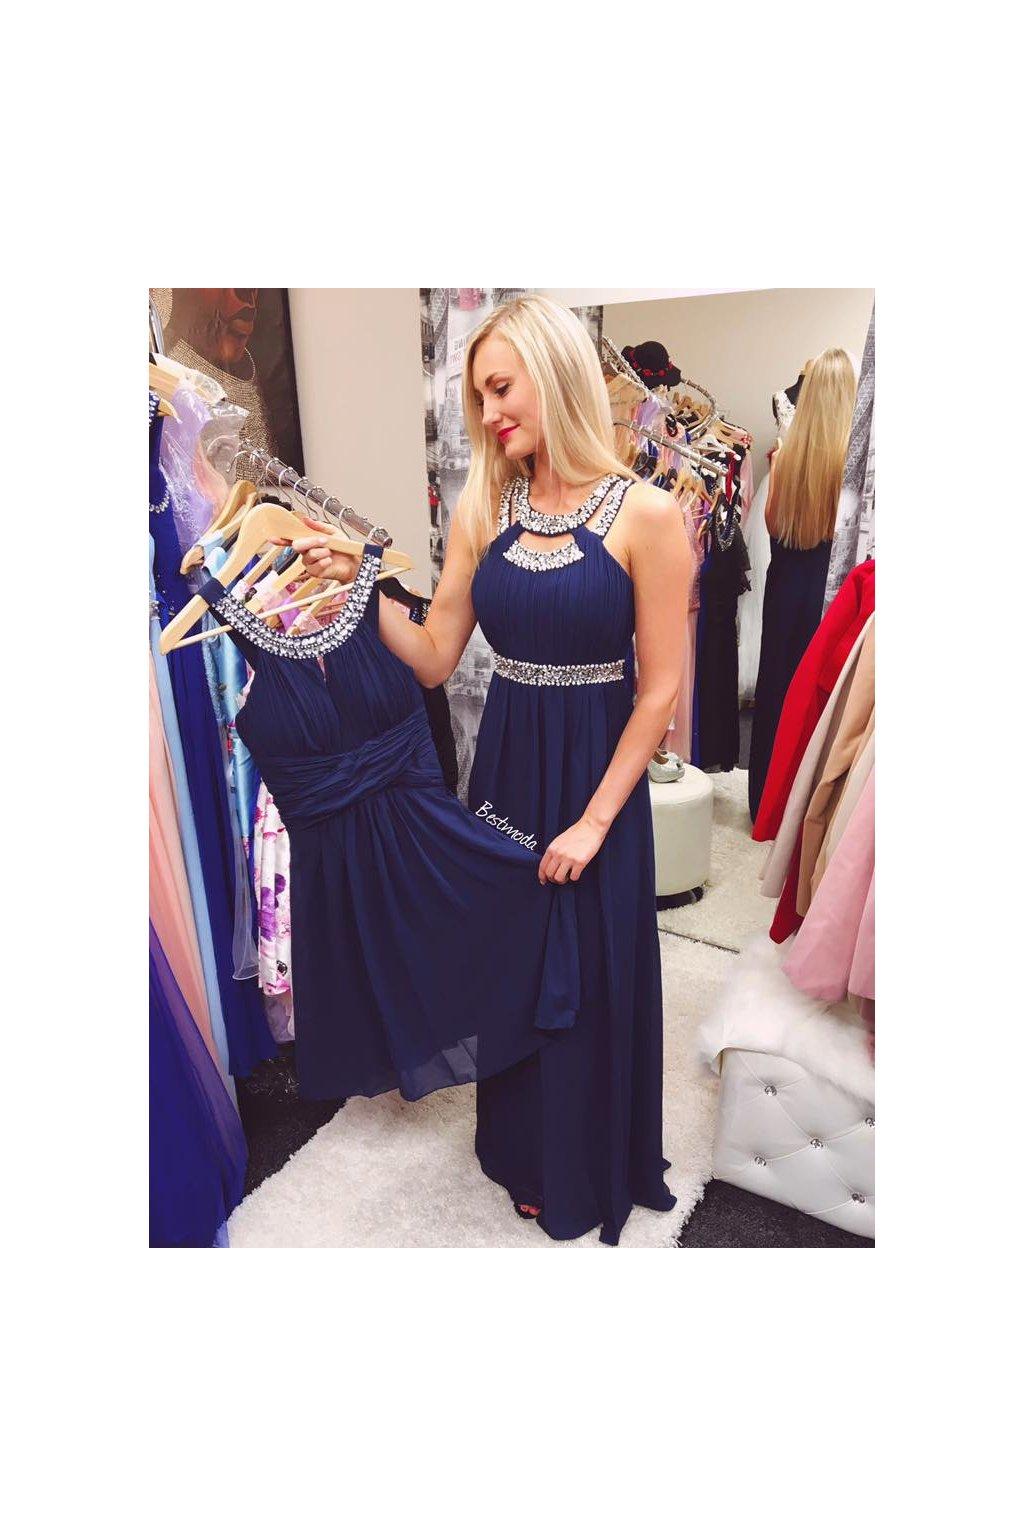 ... tmave modre paris. Tmavě modré společenské šaty ... c1799d9a44